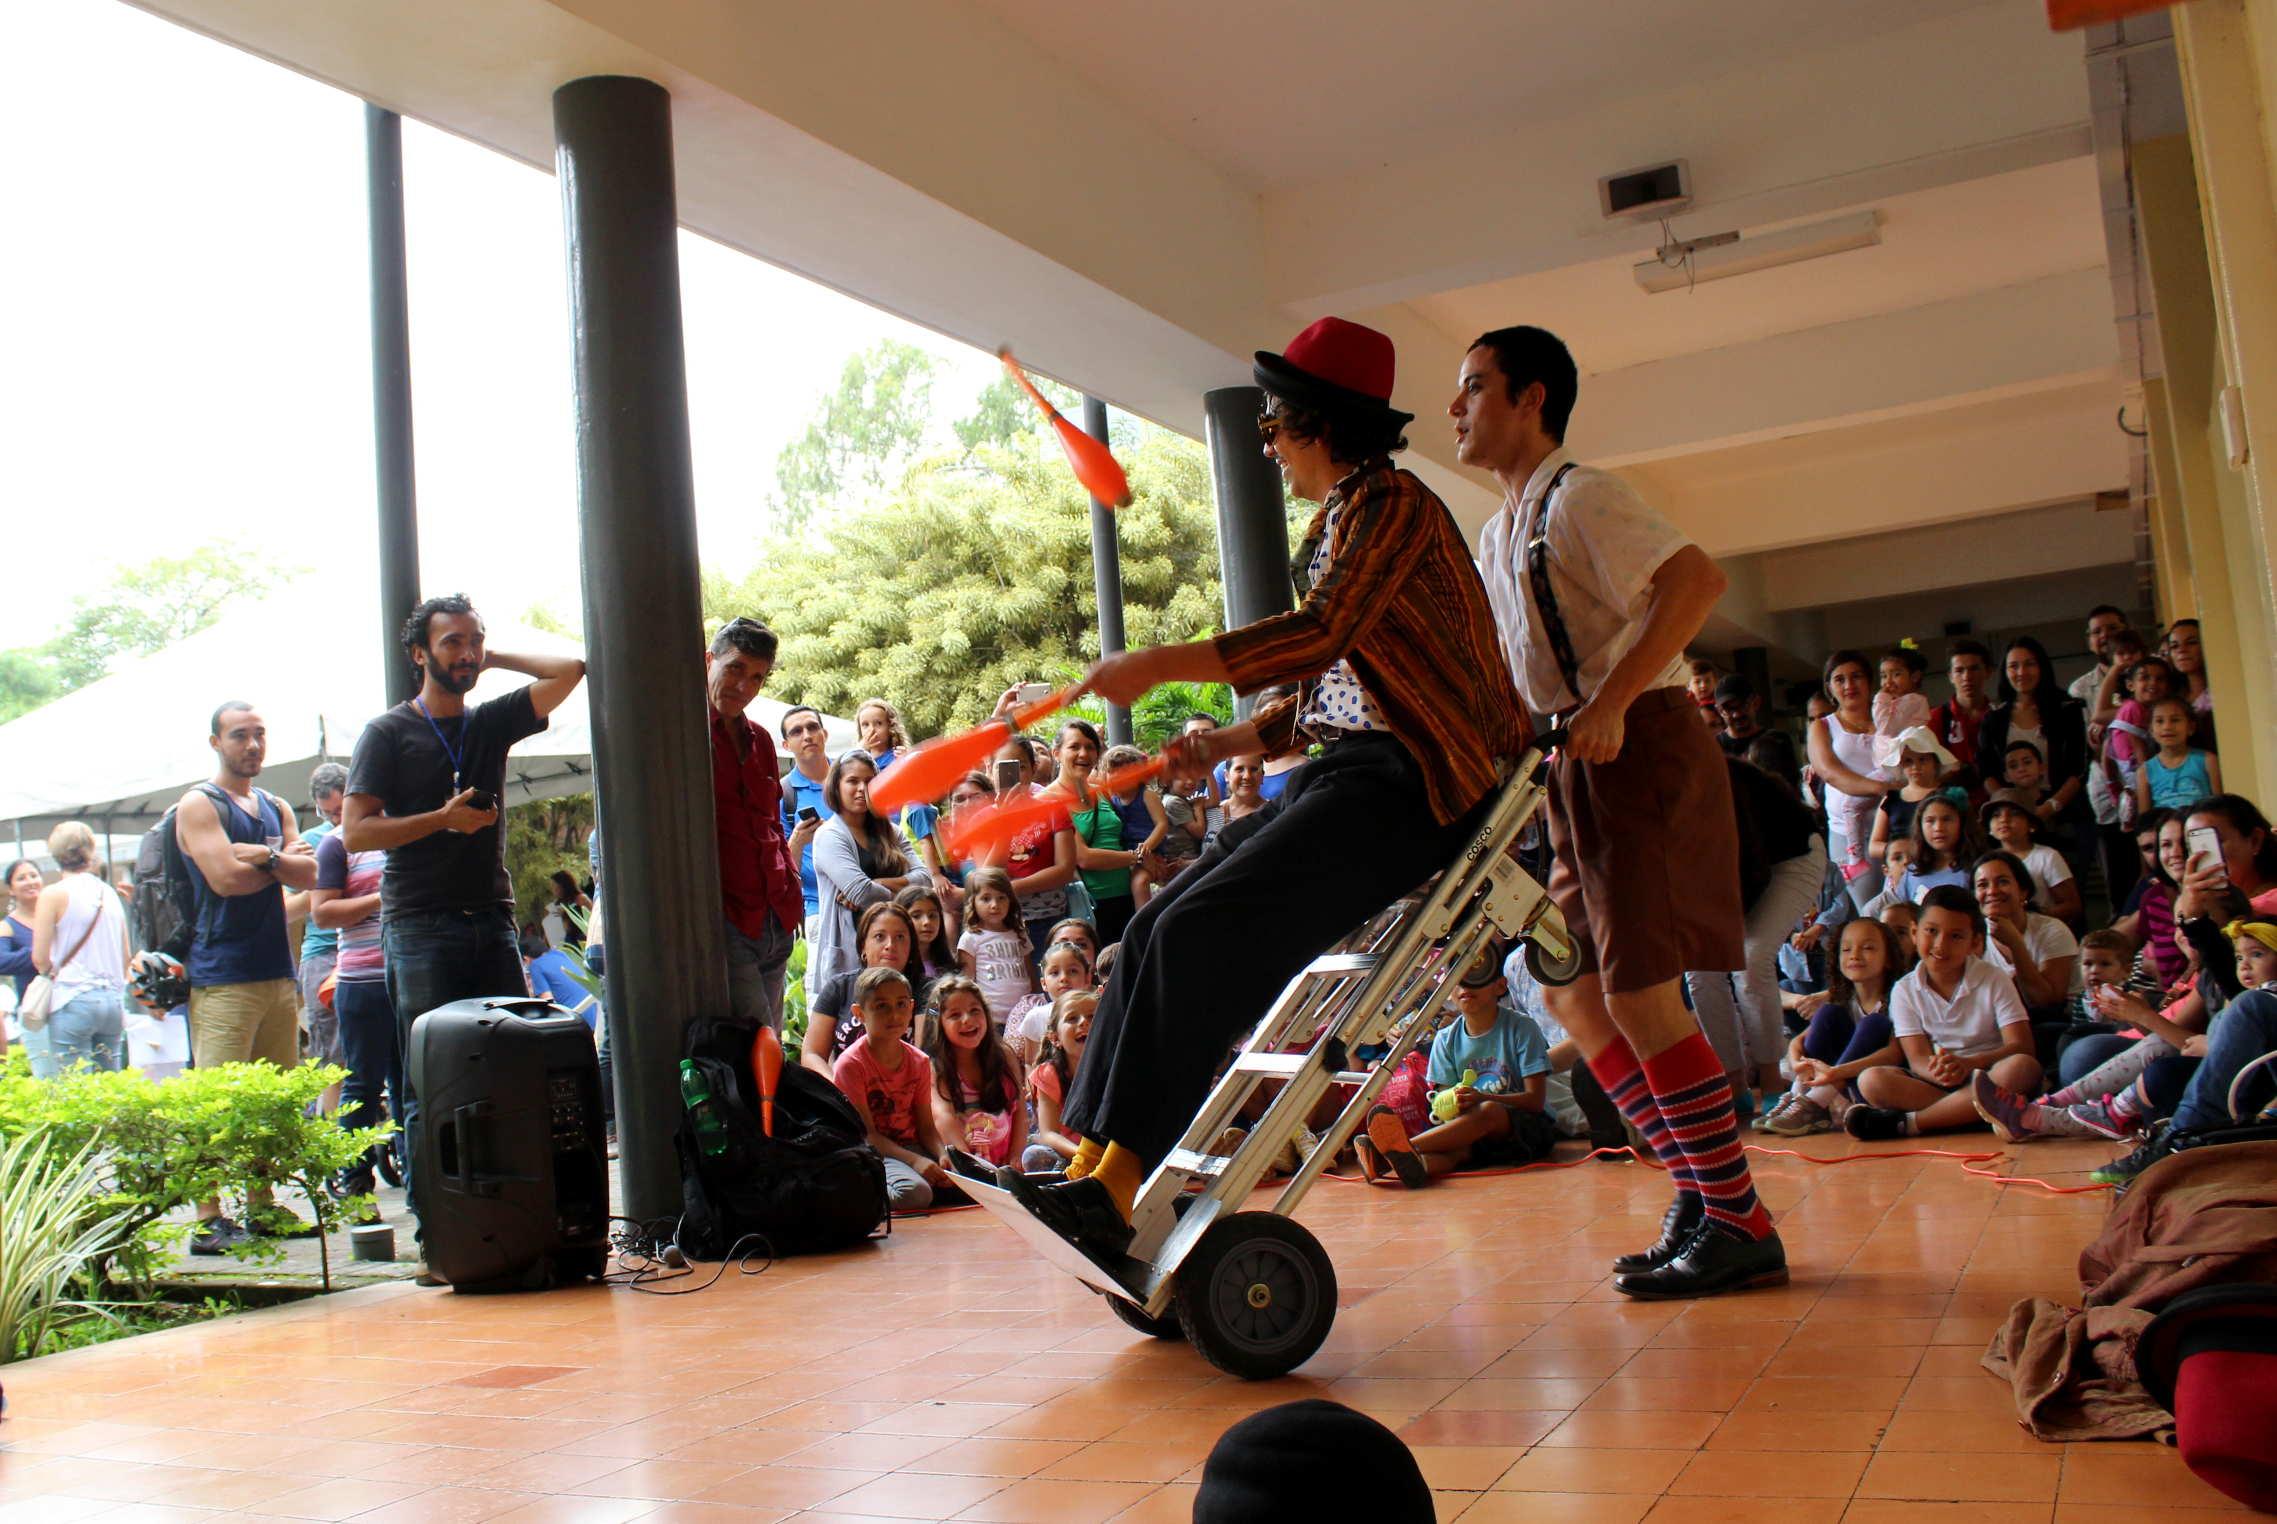 El grupo de circo La Gangarilla deleitó a los asistentes de Títere-tandas con su presentación de clown y malabares.